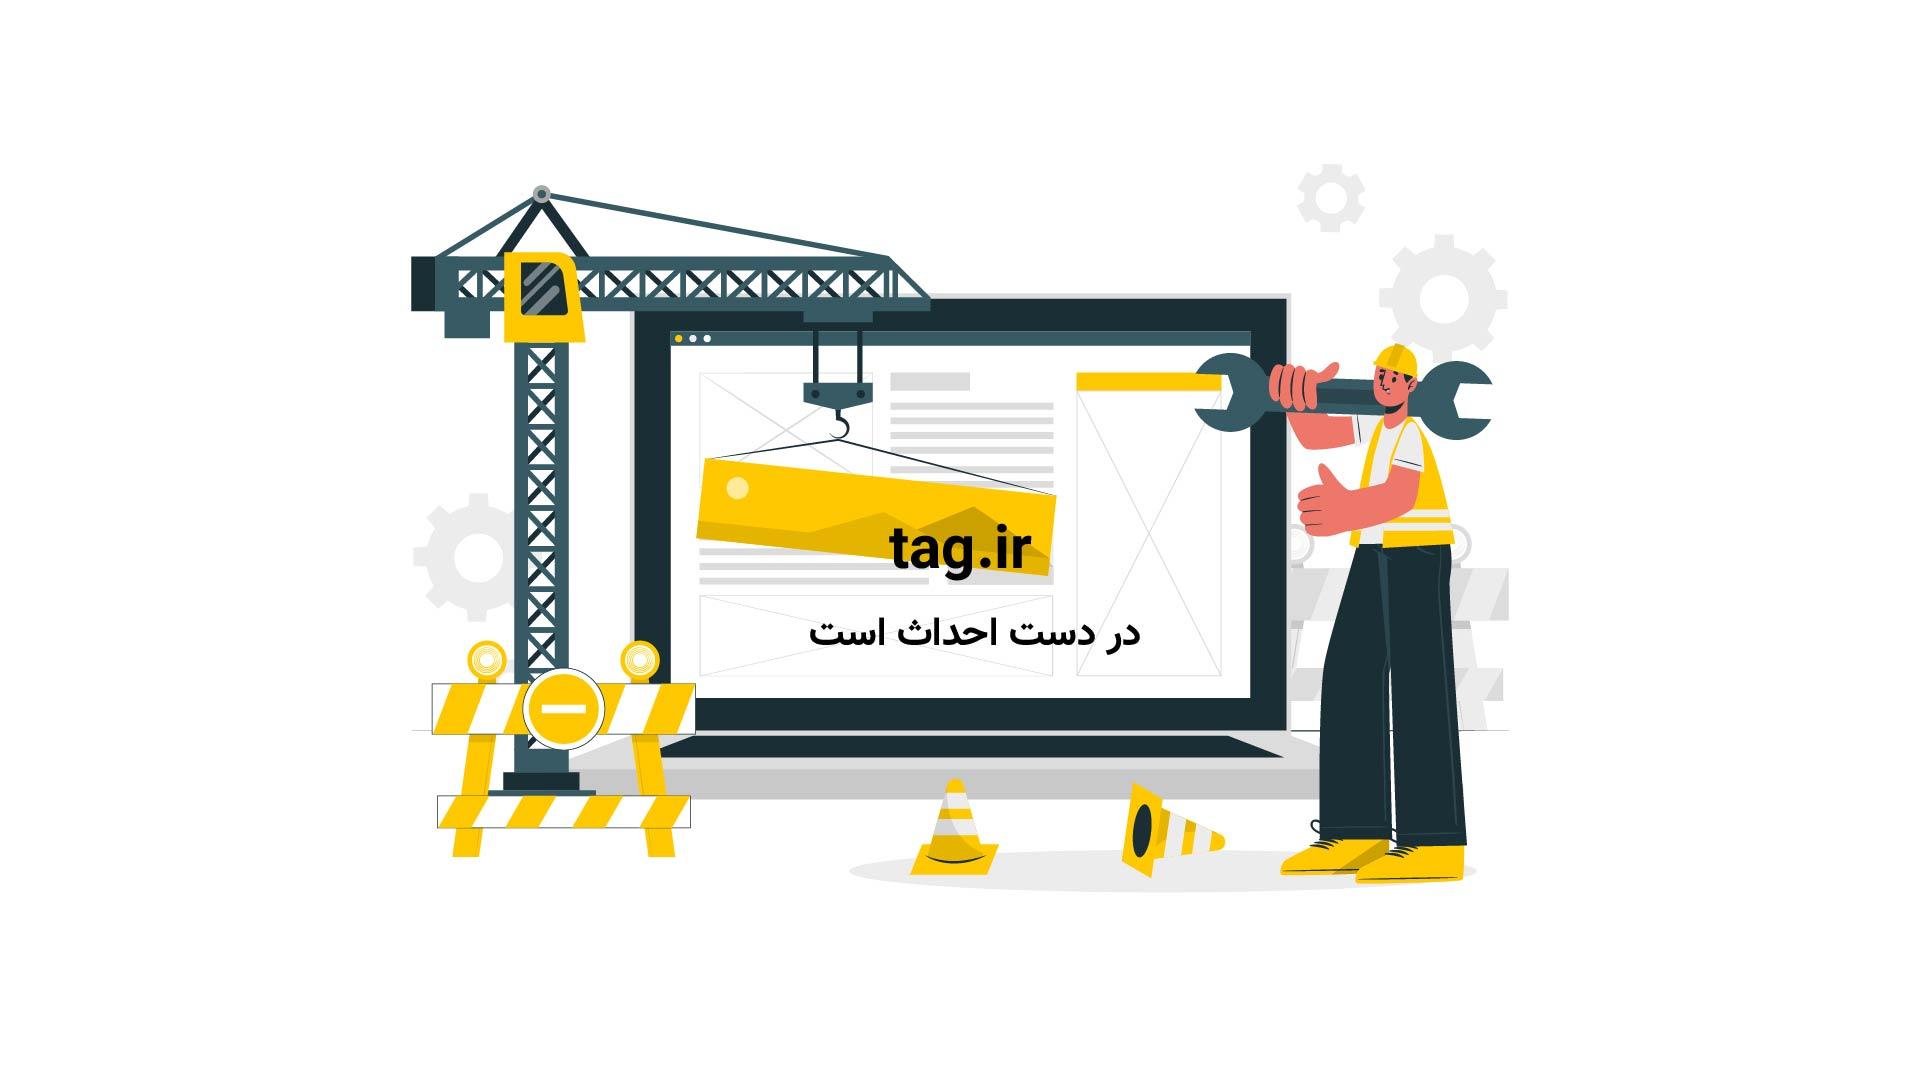 آموزش میوه آرایی سالاد میوه ویژه شب یلدا | فیلم